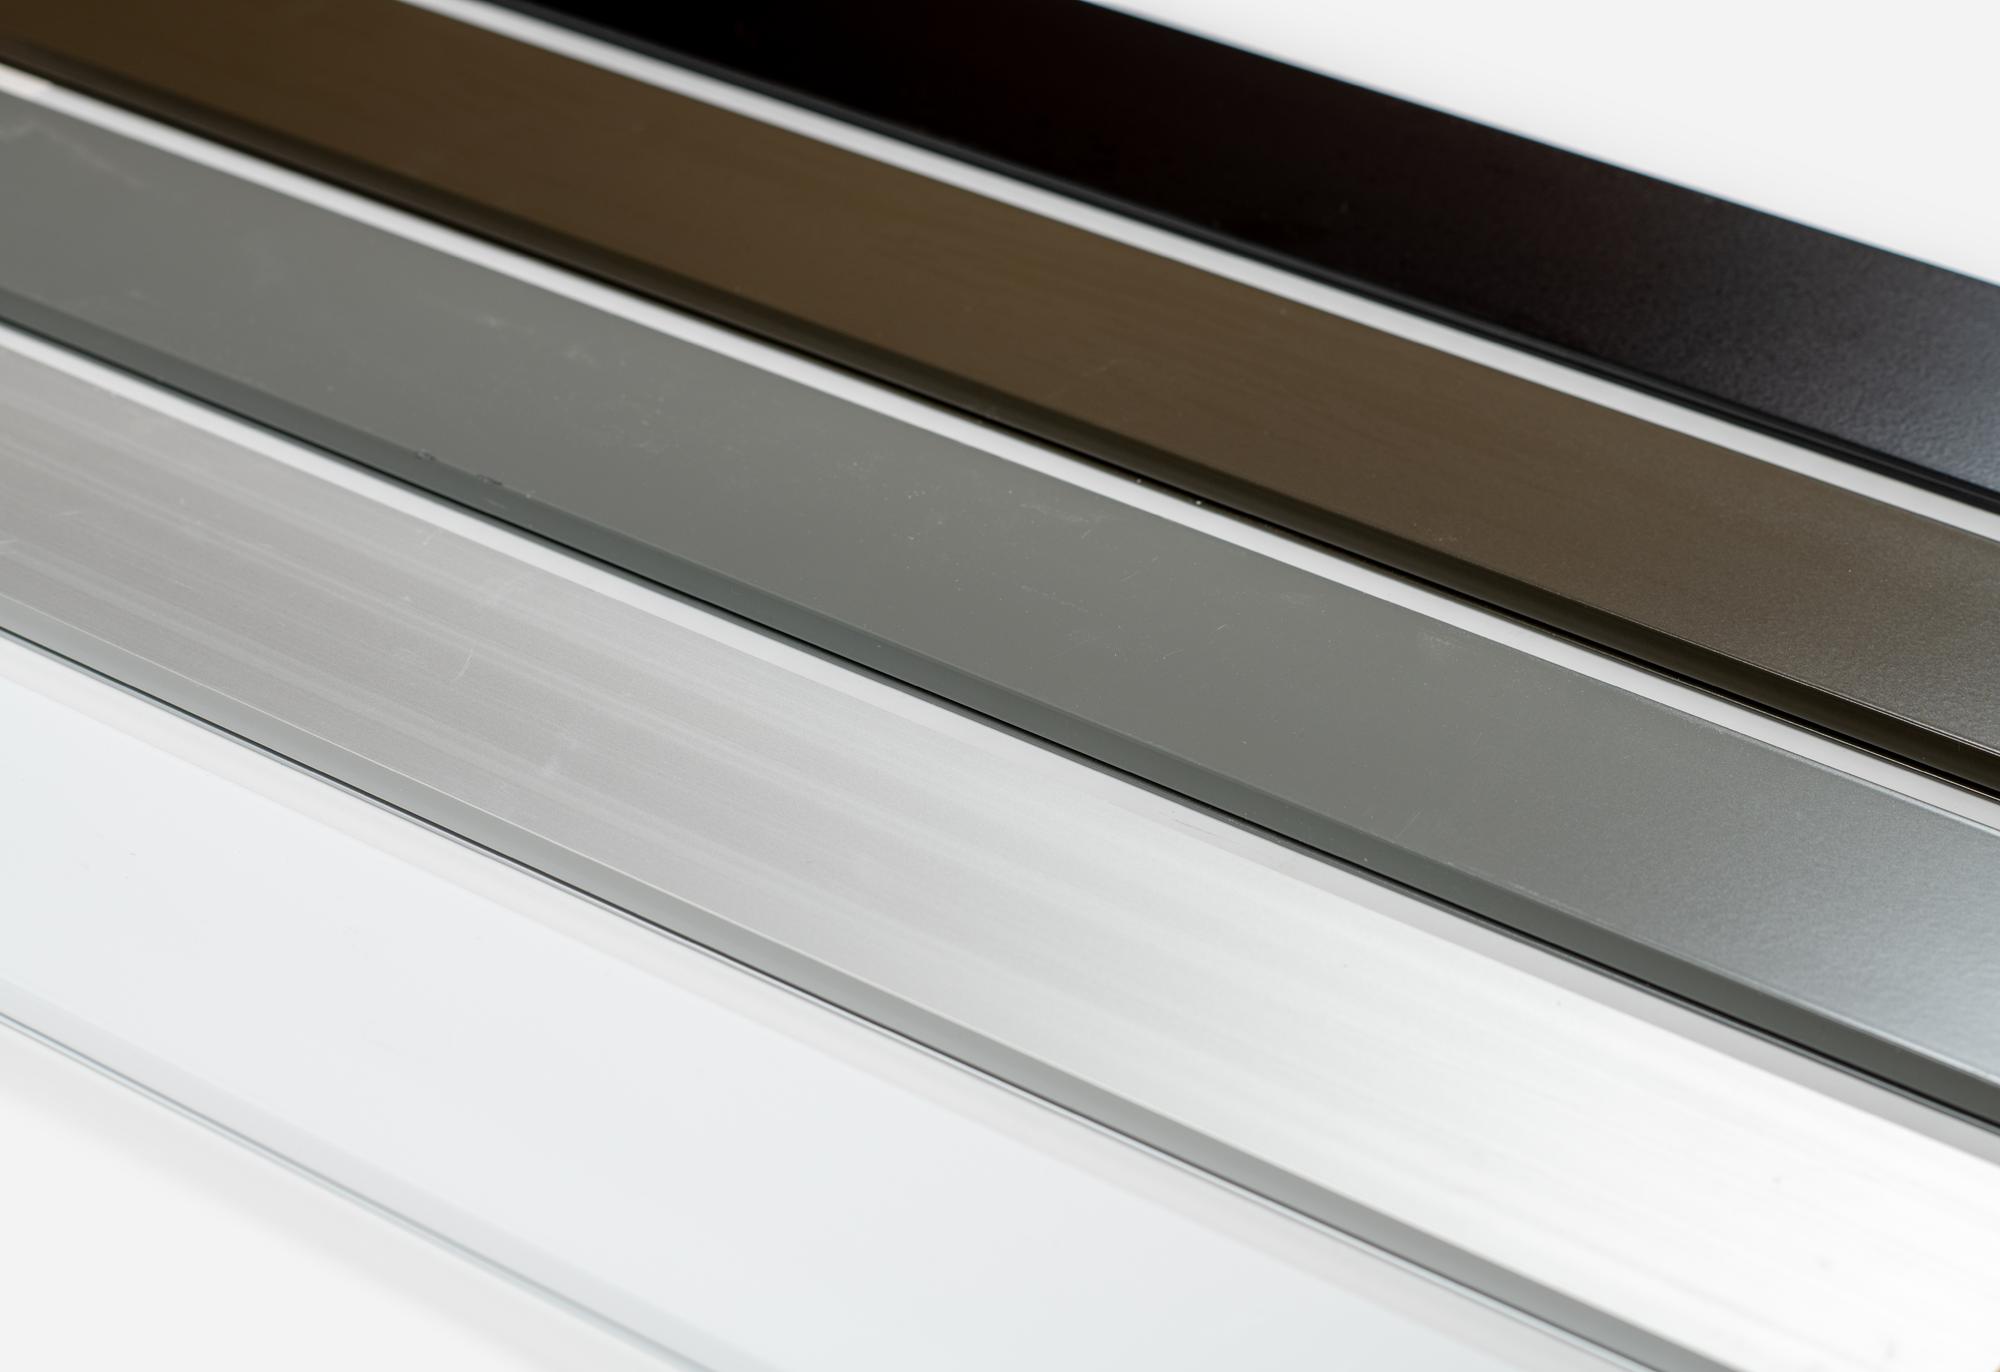 Choix de couleurs standards fenêtre hybride - Portes et Fenêtres Vallée